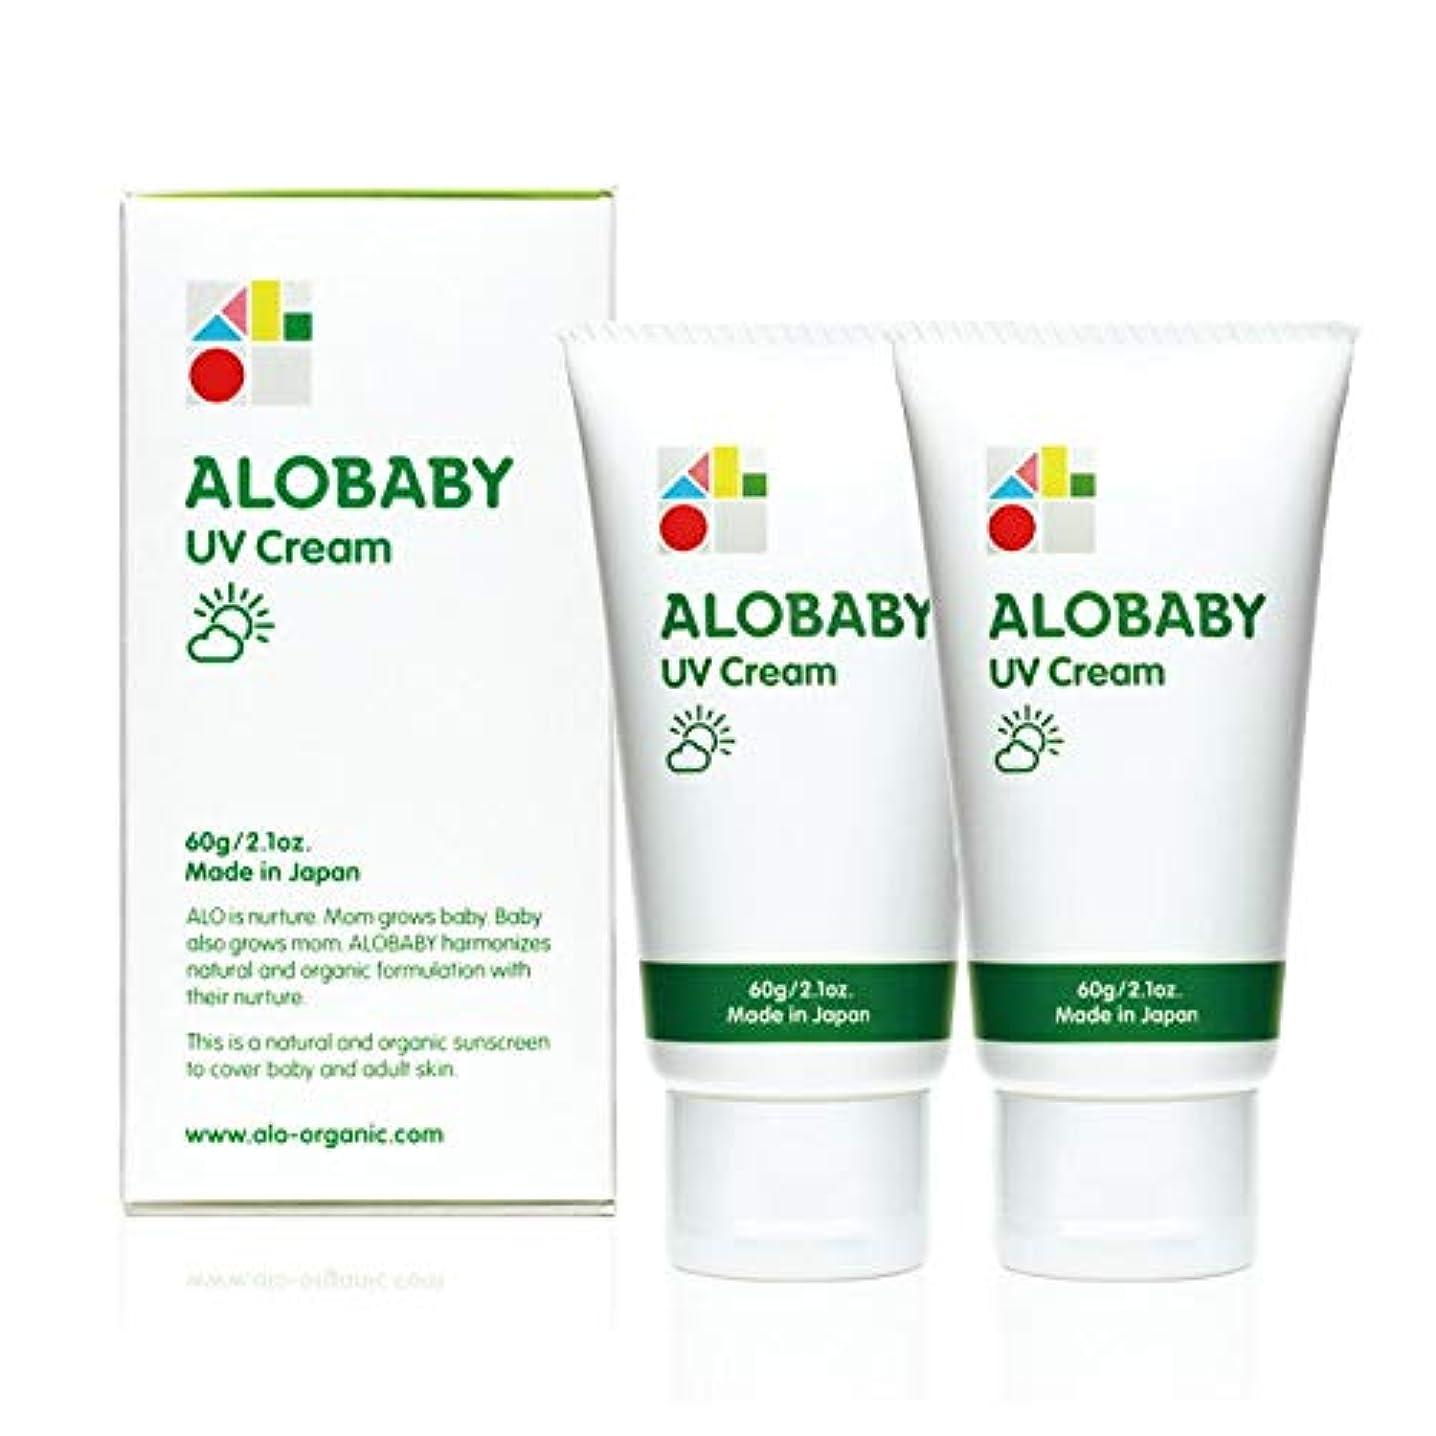 戦争たぶん料理アロベビー UVクリーム 60g (2本) 赤ちゃん こども用 日焼け止め 紫外線吸収剤不使用 無添加 オーガニック alobaby